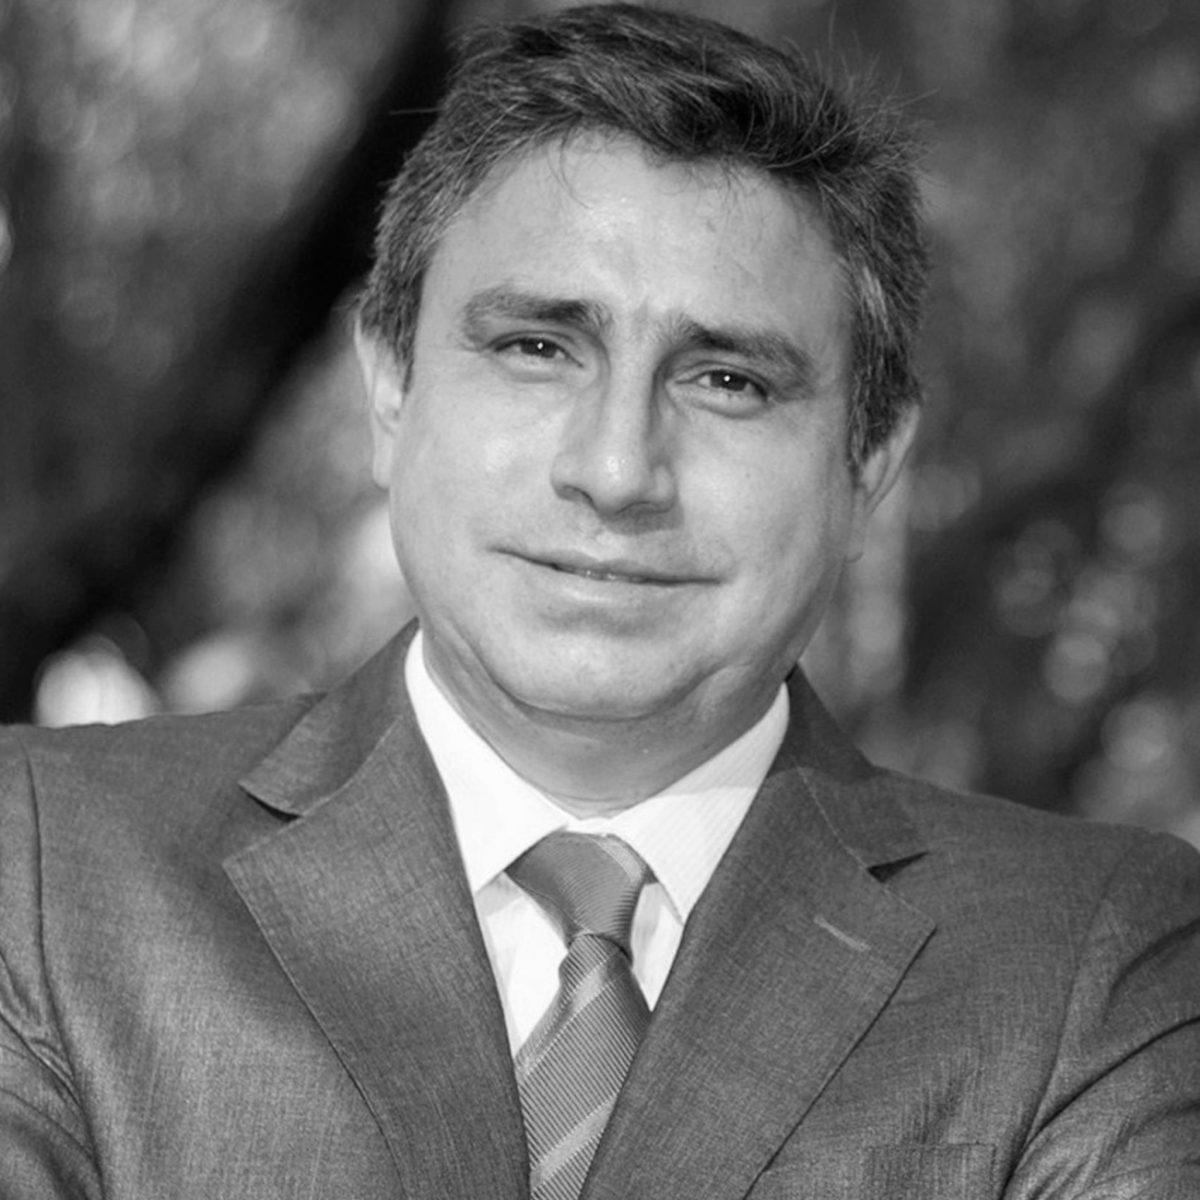 Paúl Corcuera García